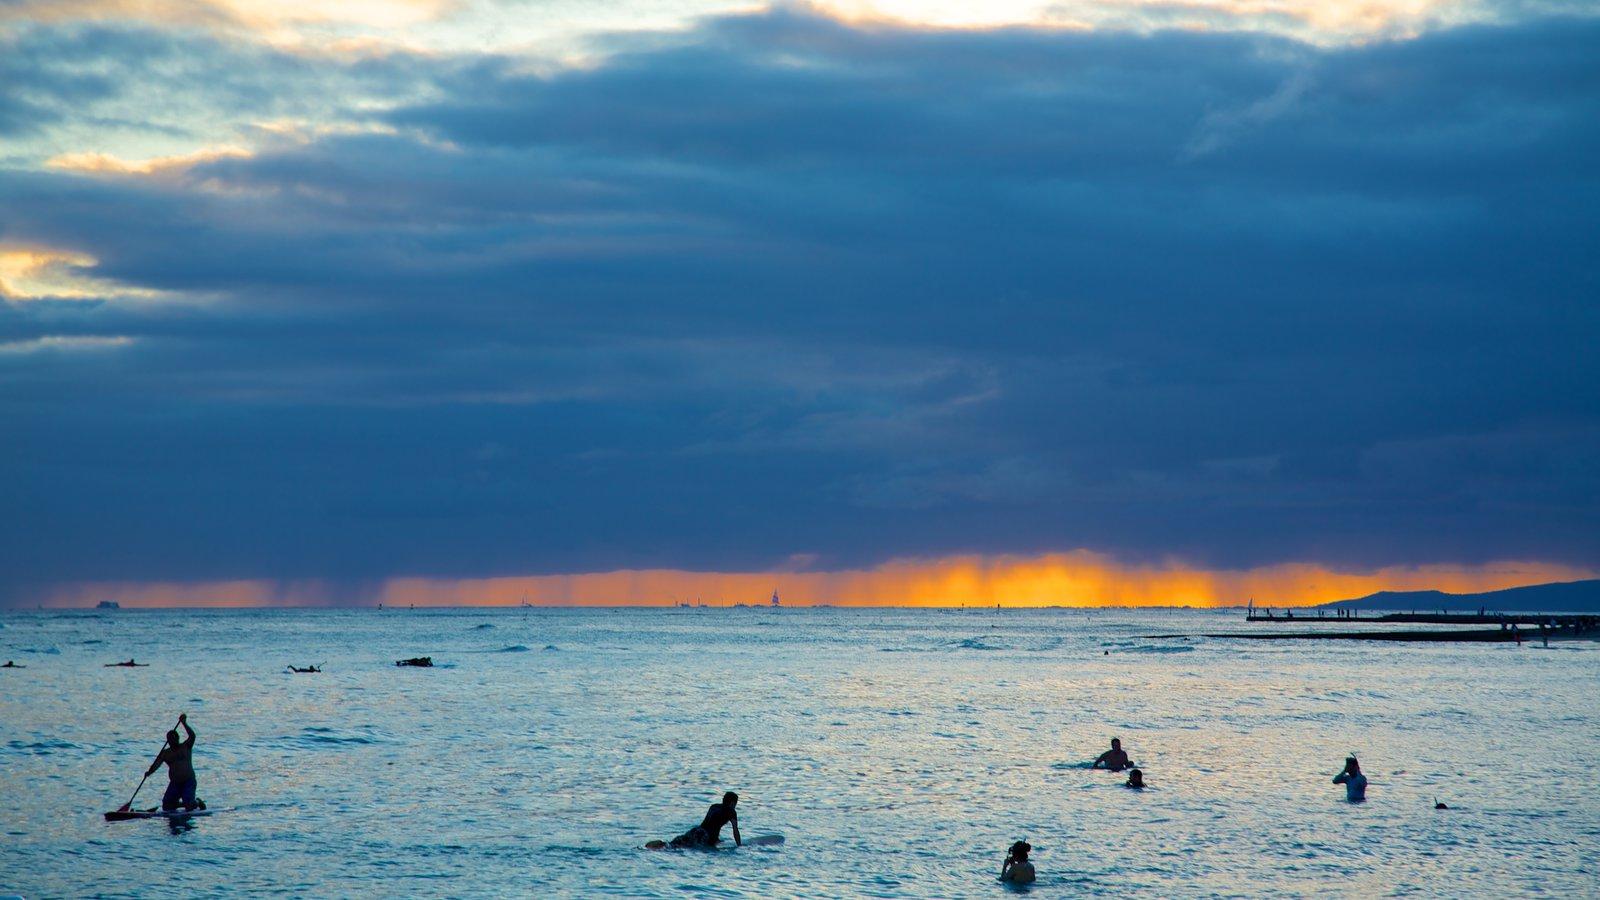 Honolulú mostrando vistas generales de la costa, olas y una puesta de sol